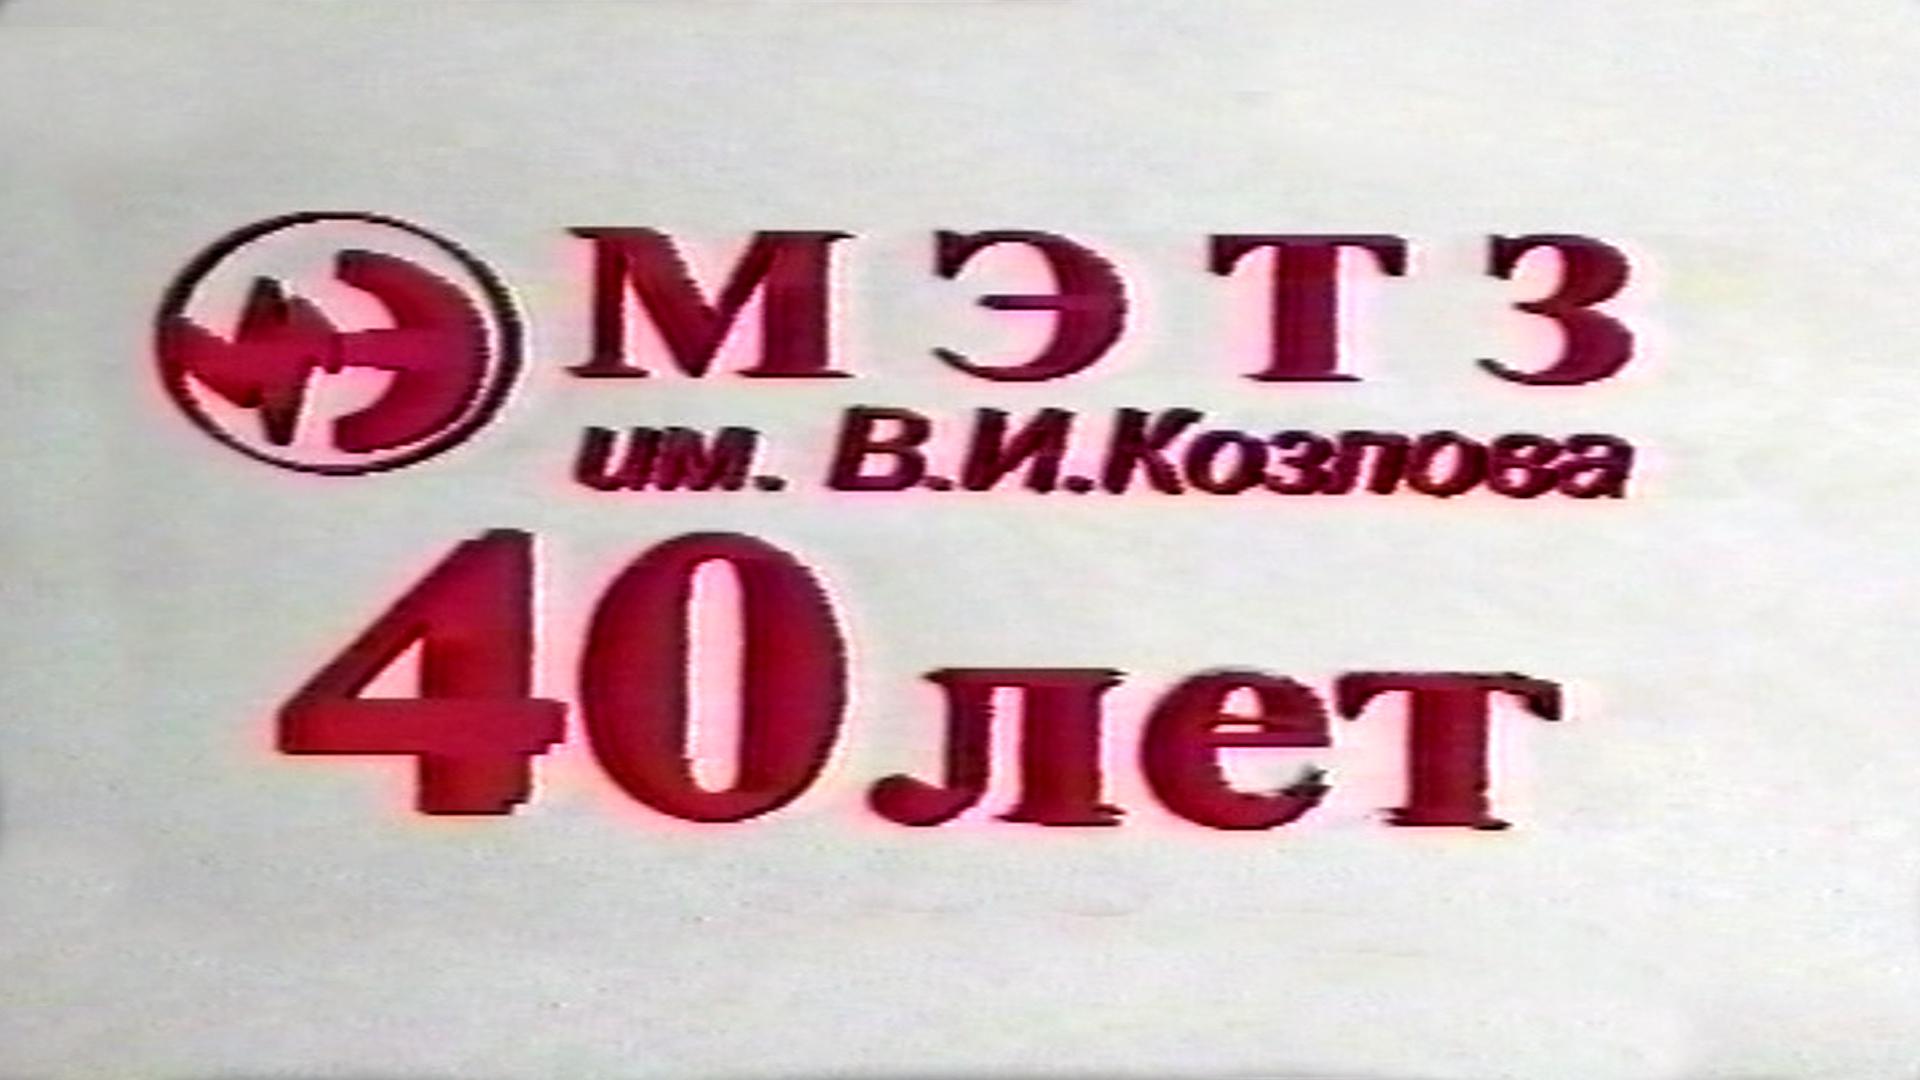 Минскому электротехническому заводу имени В.И. Козлова 40 лет. Фильм 1996 года